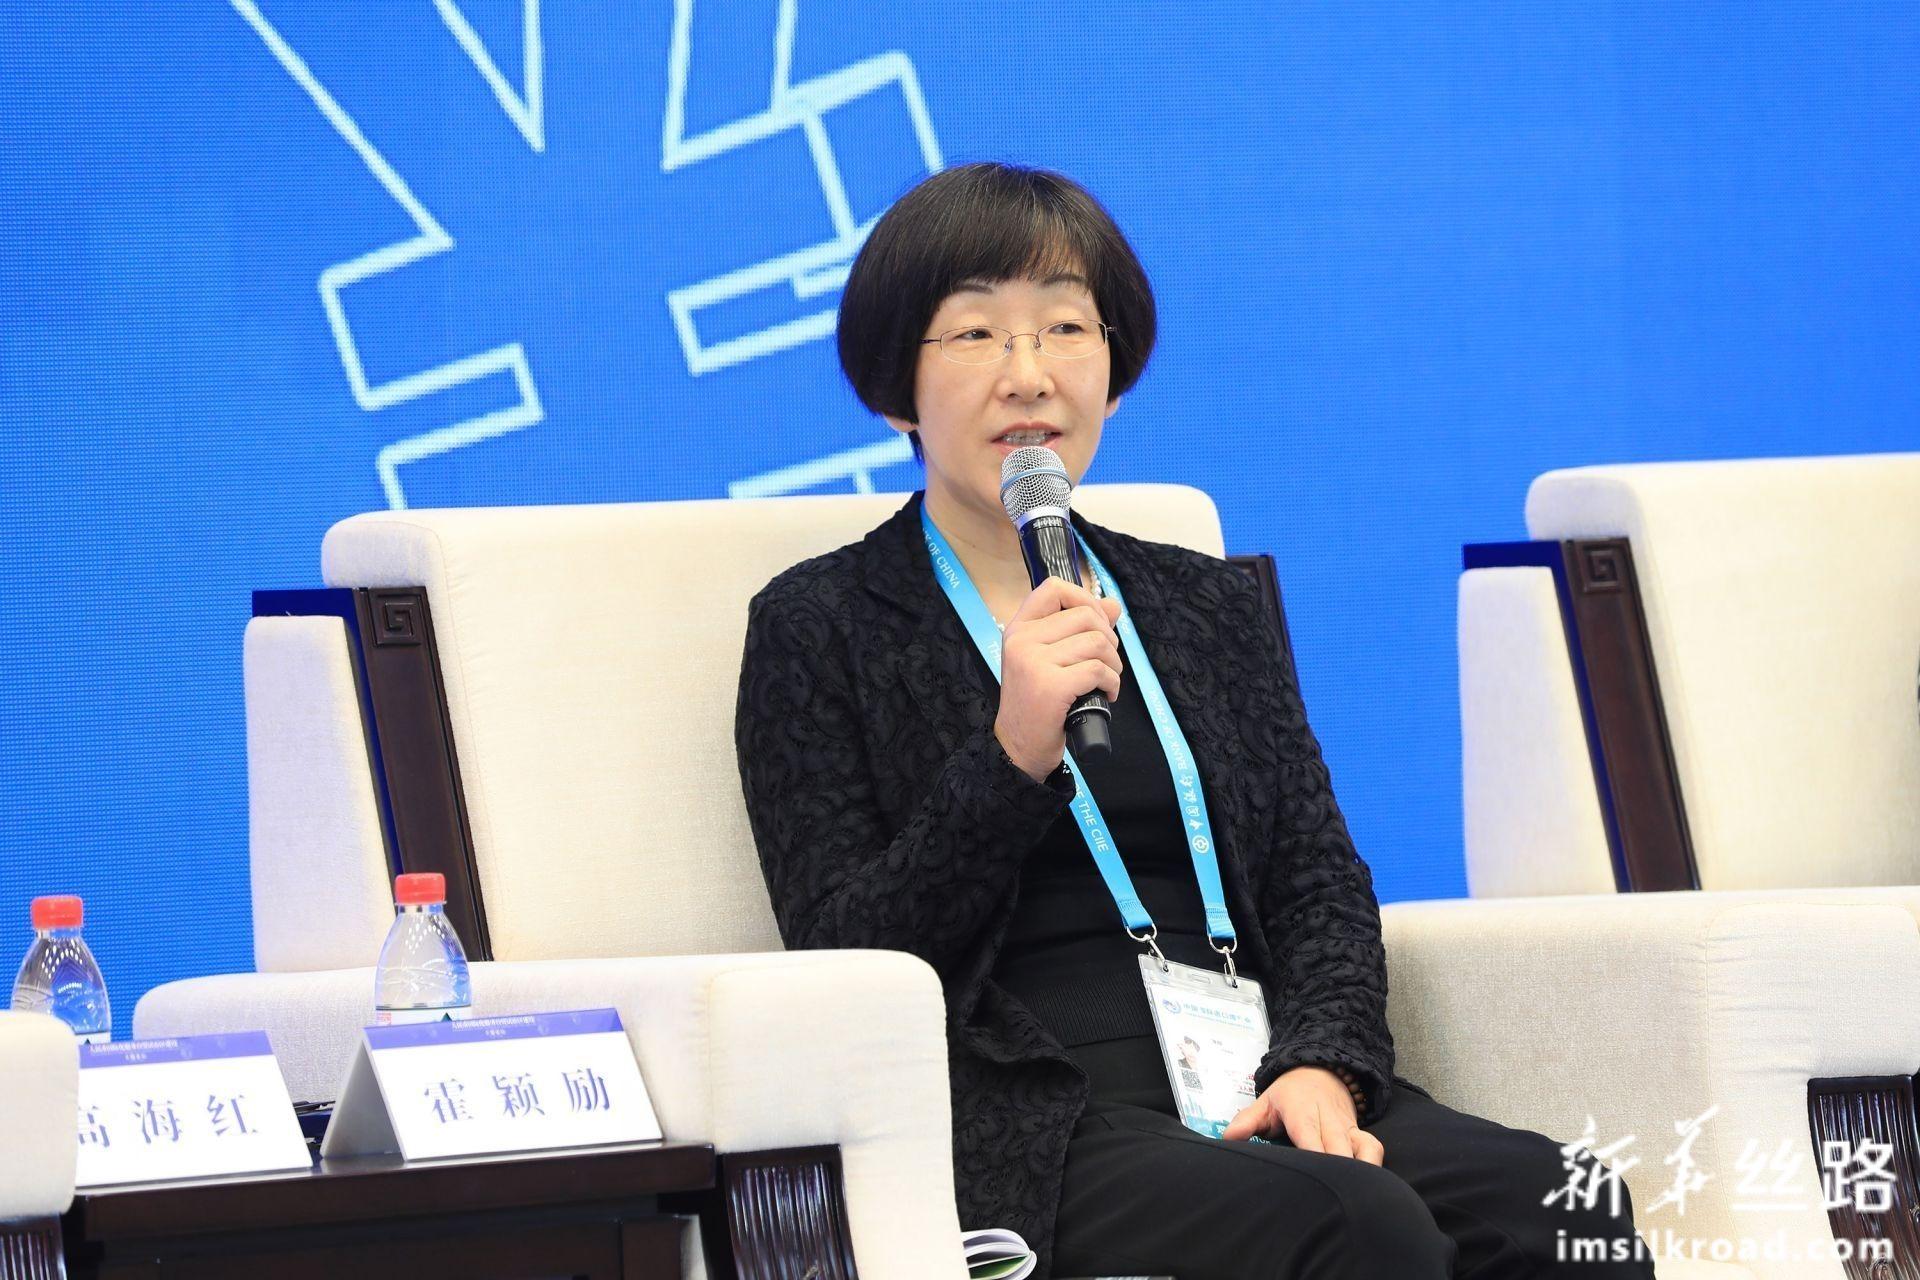 在分论坛1:人民币国际化服务实体经济上,中国人民银行宏观审慎管理局局长 霍颖励女士发言